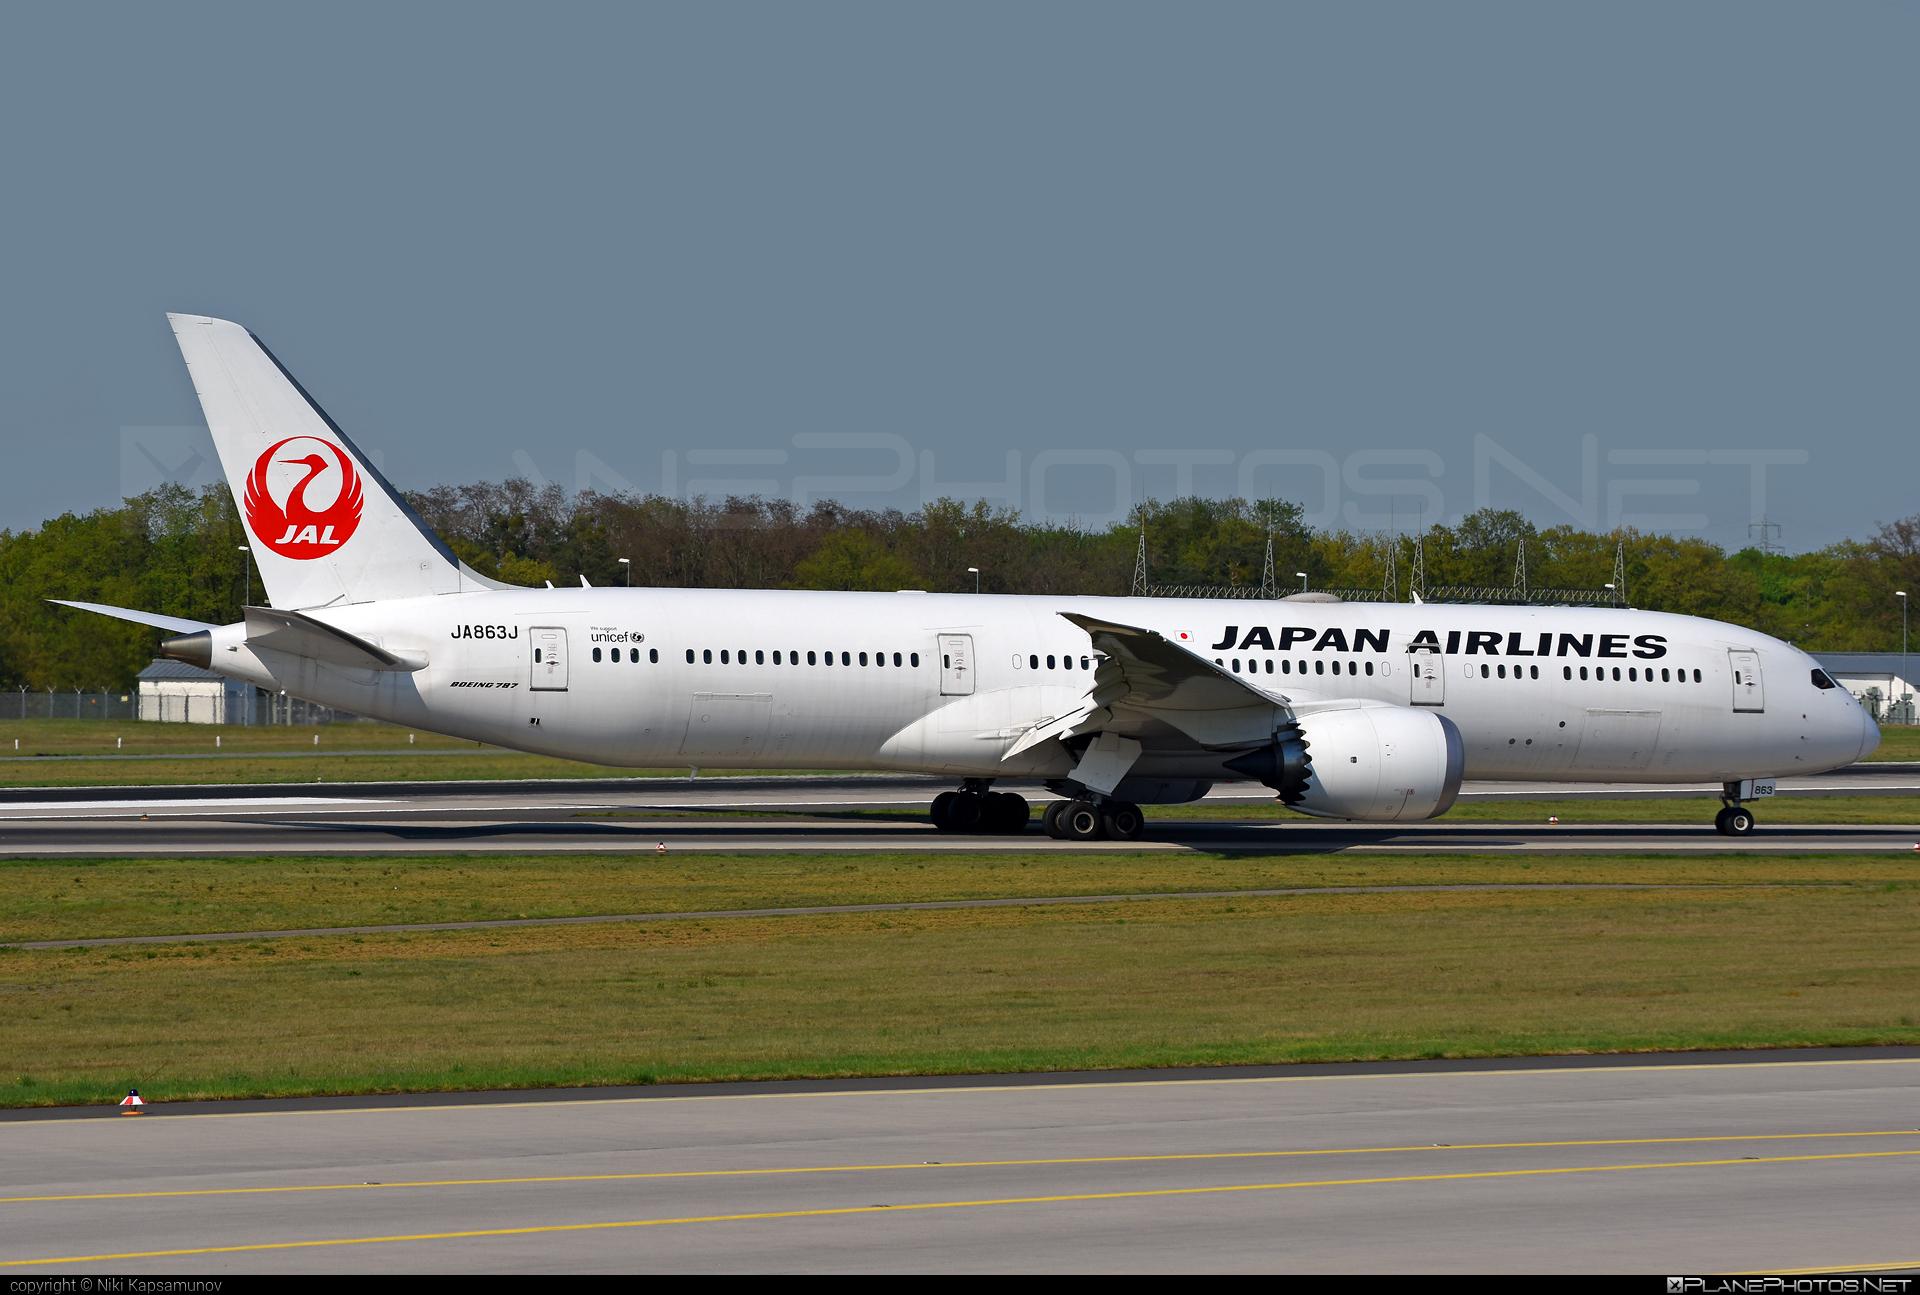 Boeing 787-9 Dreamliner - JA863J operated by Japan Airlines (JAL) #b787 #boeing #boeing787 #dreamliner